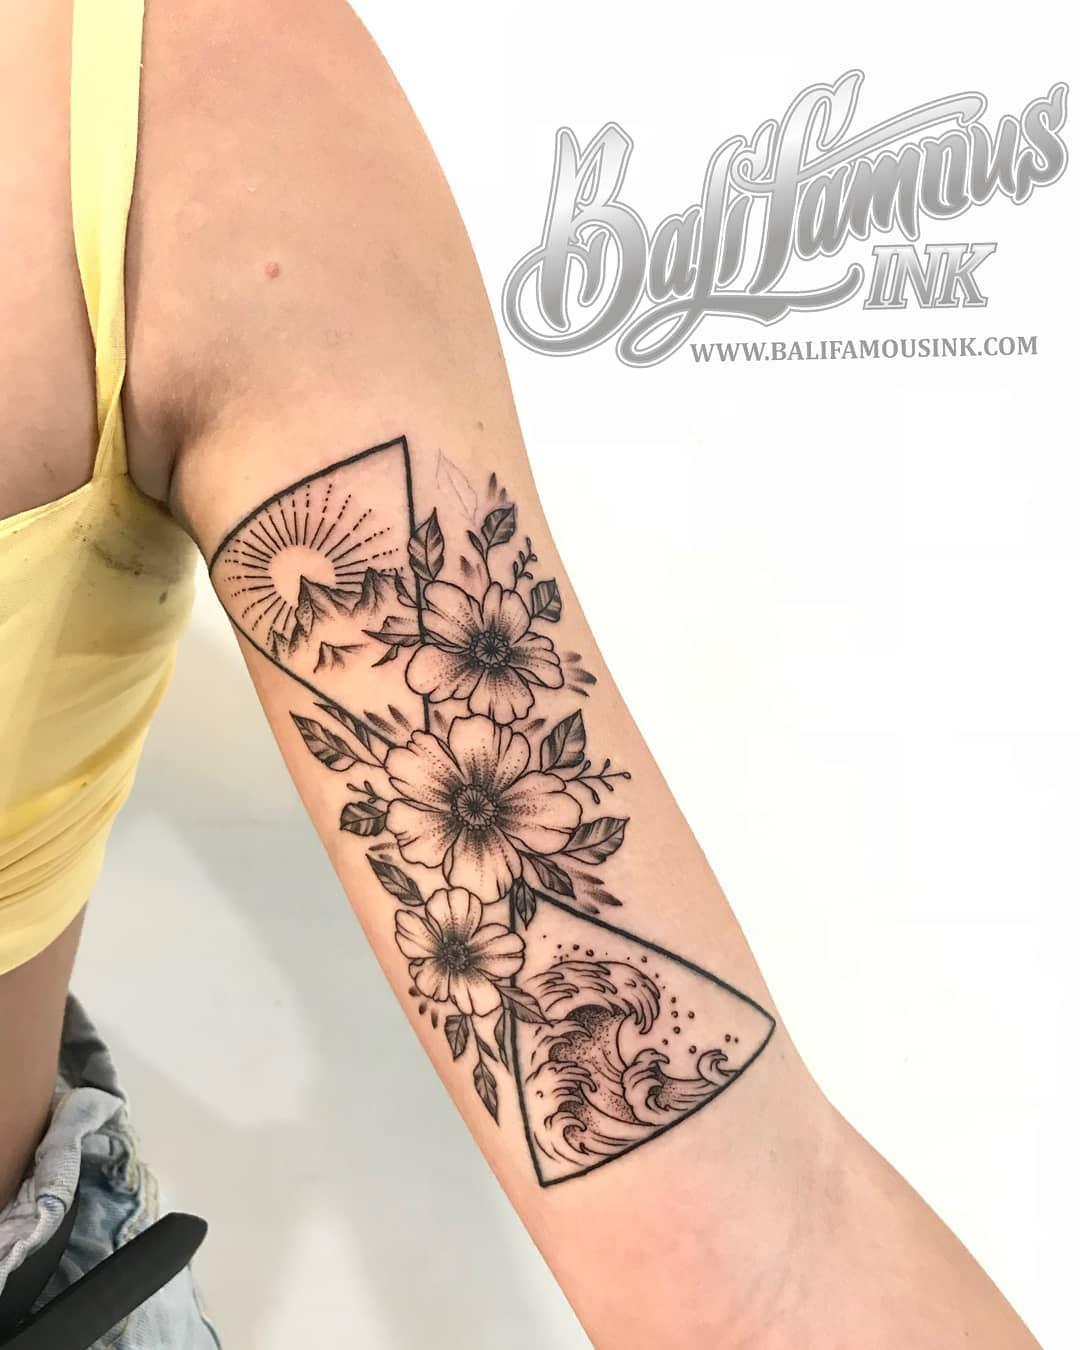 Bali-Famous-Ink-Tattoo-Bali-fine-line-tattoo-1